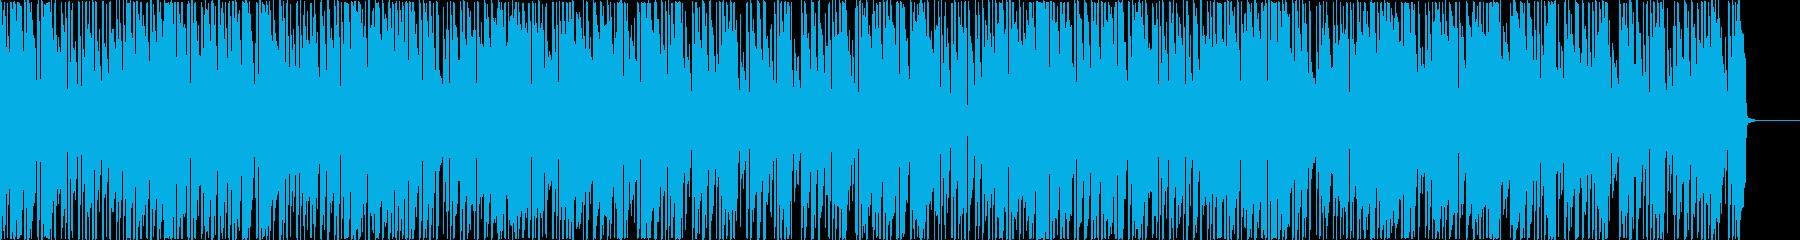 ビブラフォンとオルガンがお洒落なボサノバの再生済みの波形